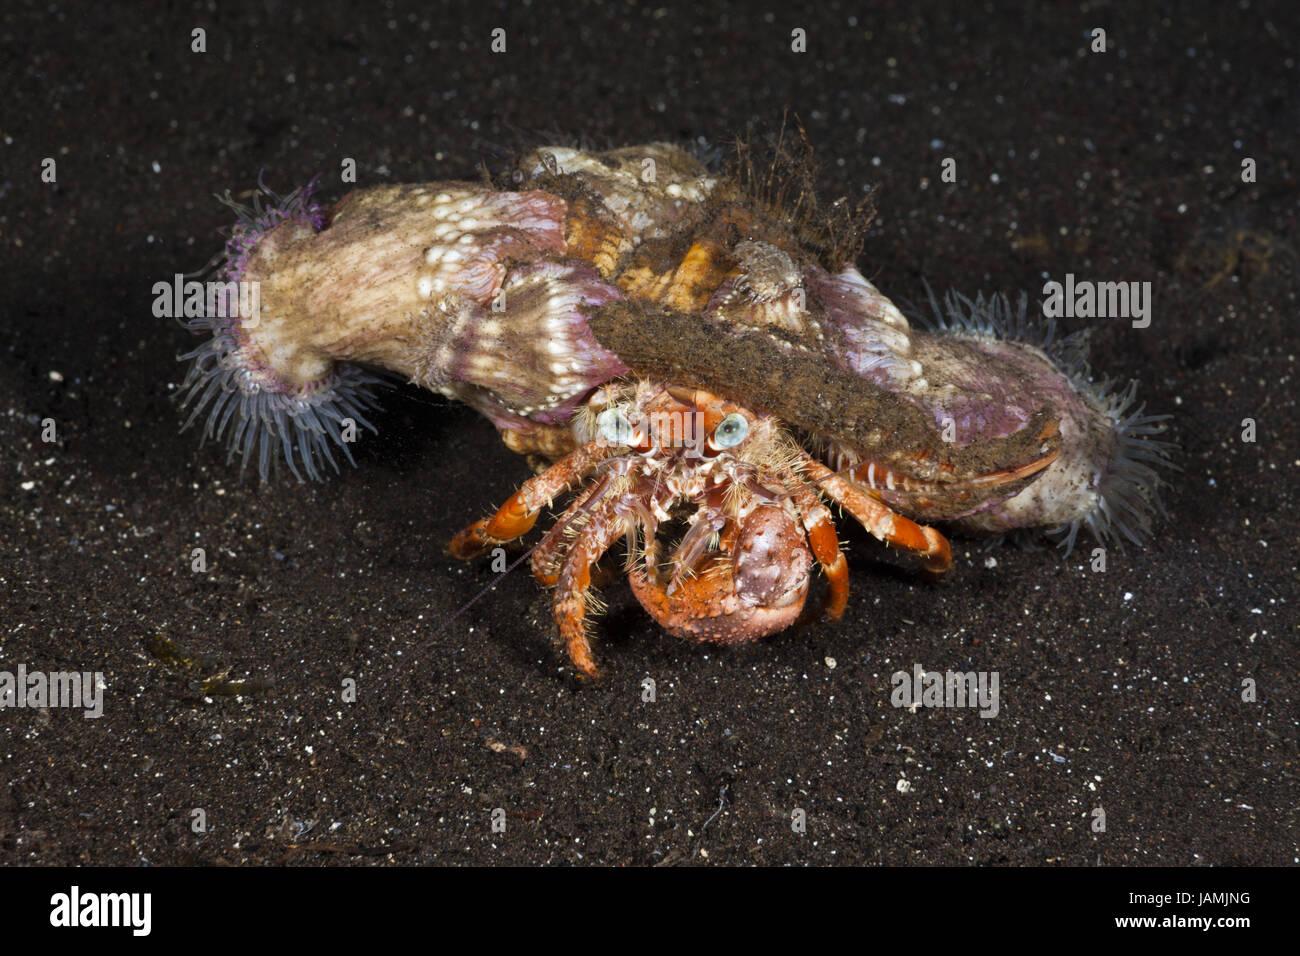 Hermit crab in symbiosis with parasite anemones,Dardanus pedunculatus,Alam Batu,Bali,Indonesia, - Stock Image